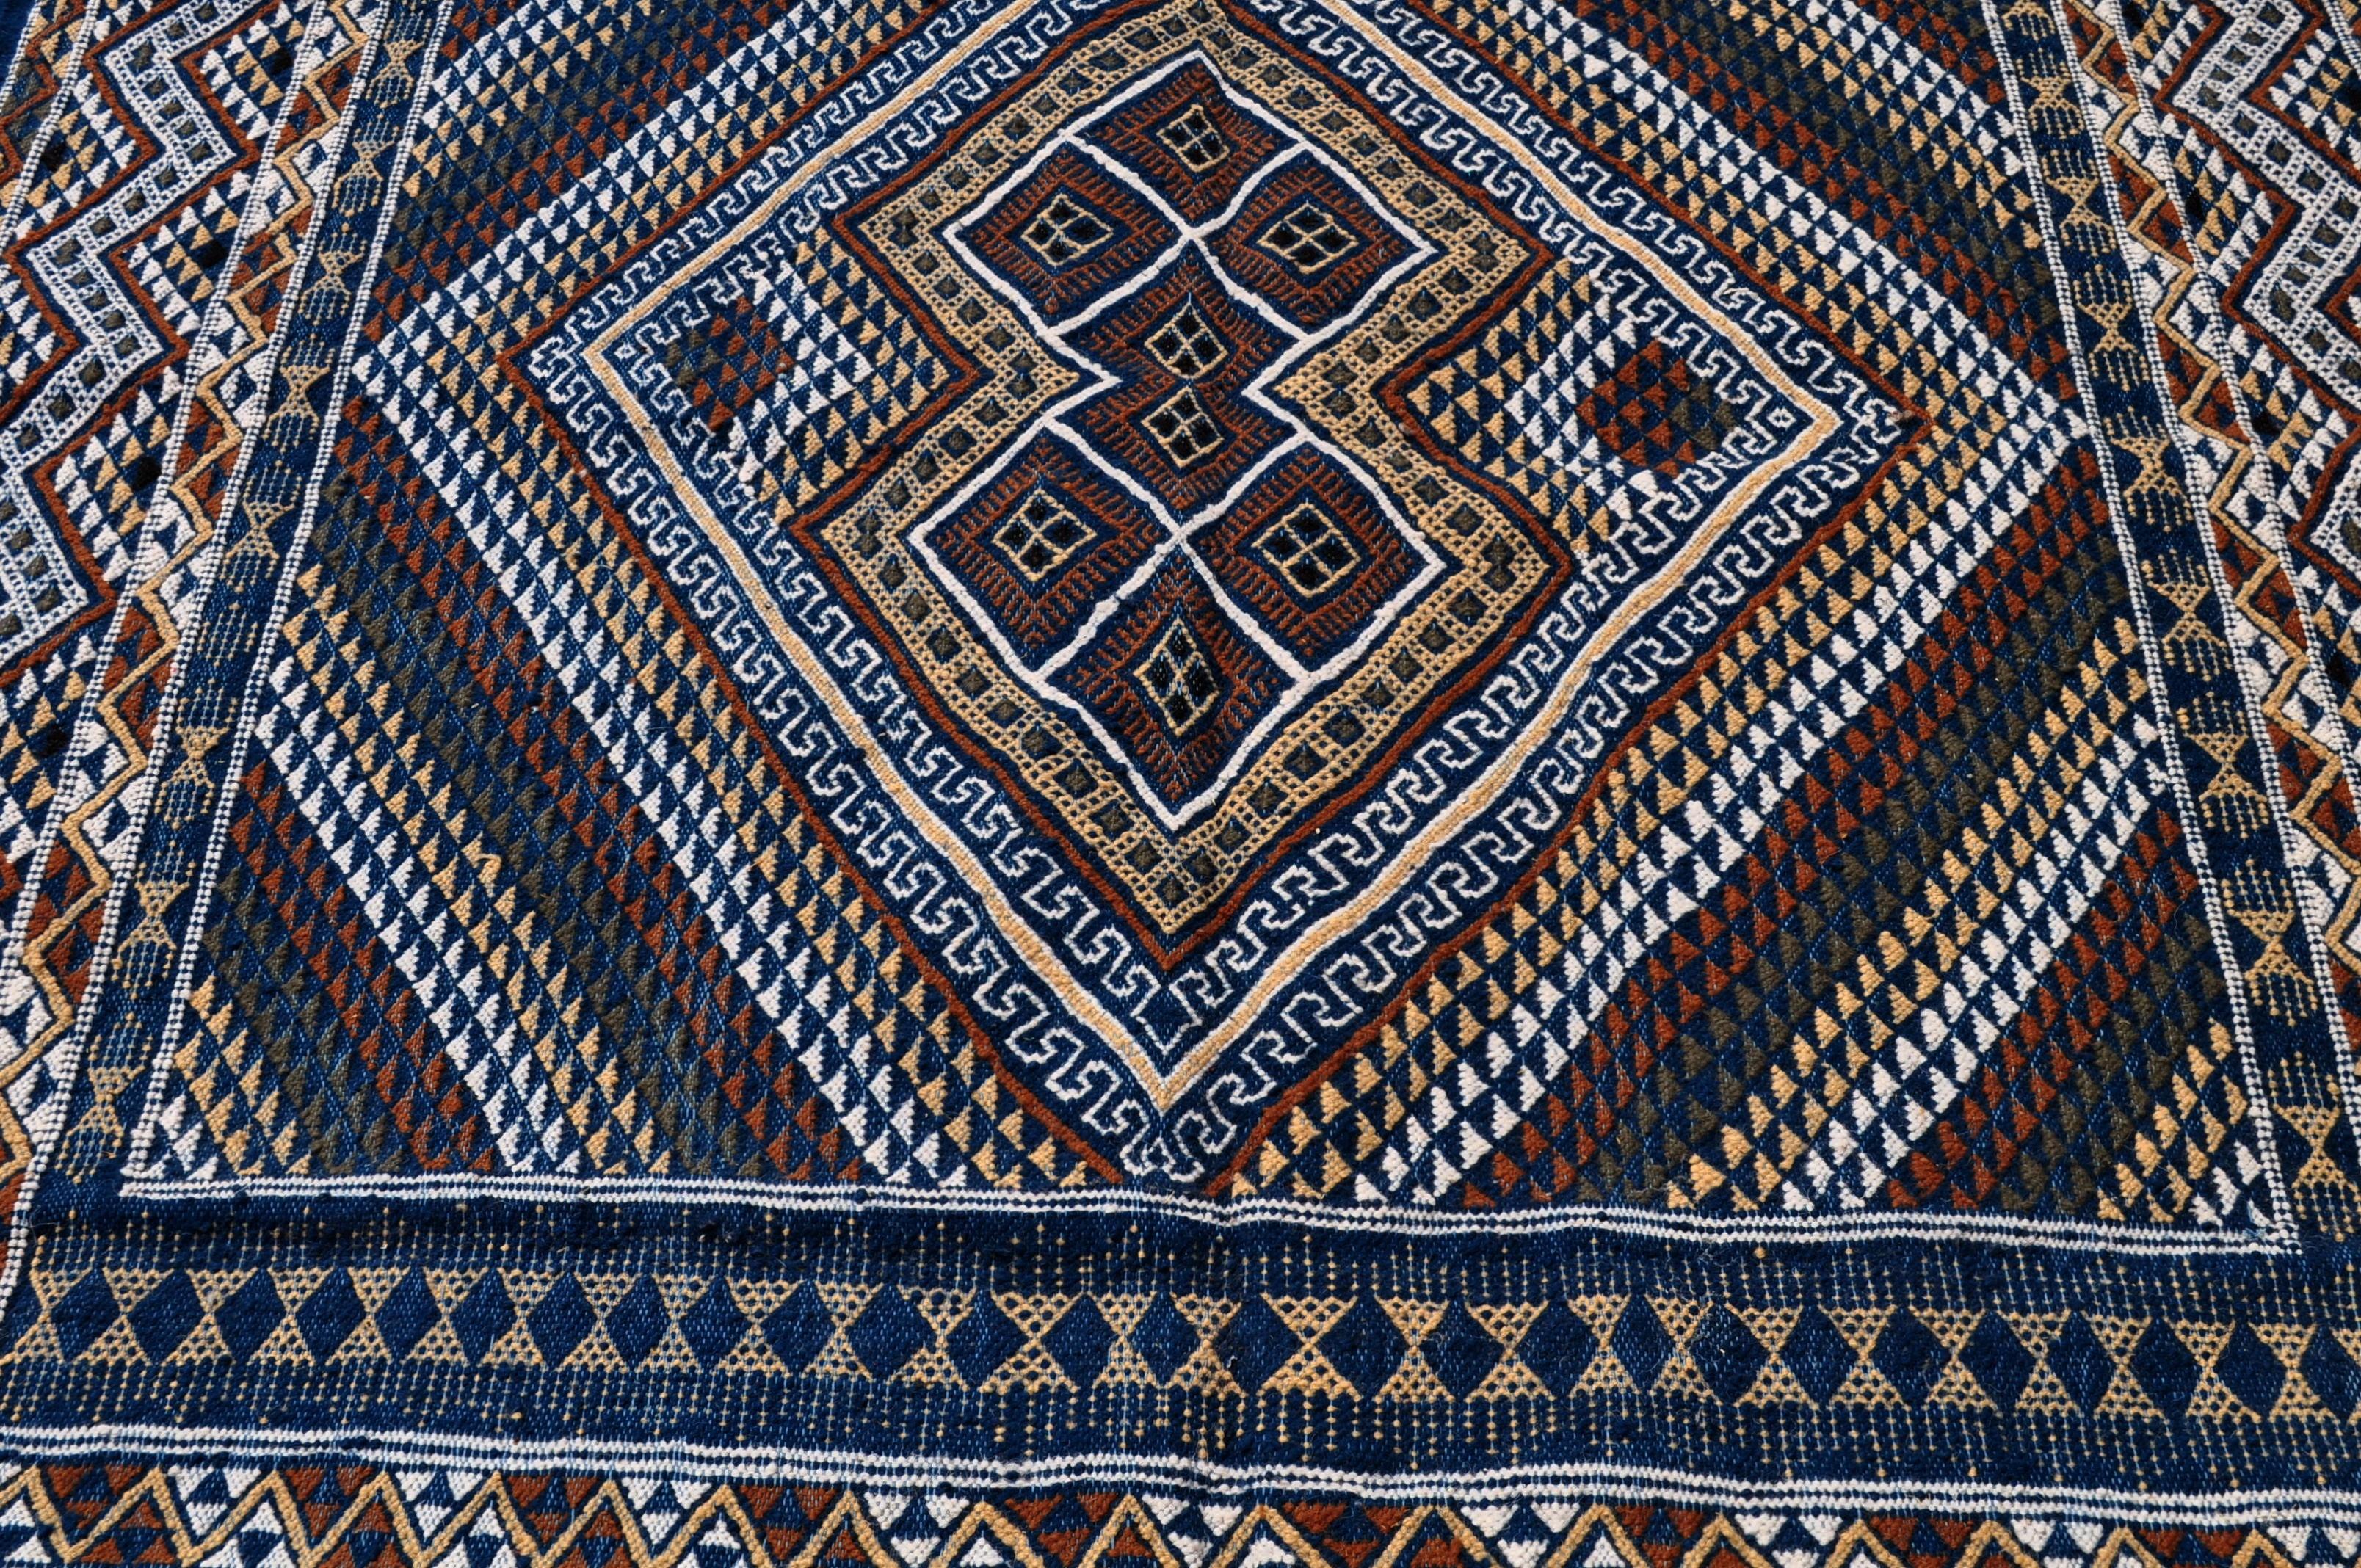 grands tapis tapis kilims et mergoums de tunisie et maroc 200 x 300 cm tapis nahrawen. Black Bedroom Furniture Sets. Home Design Ideas